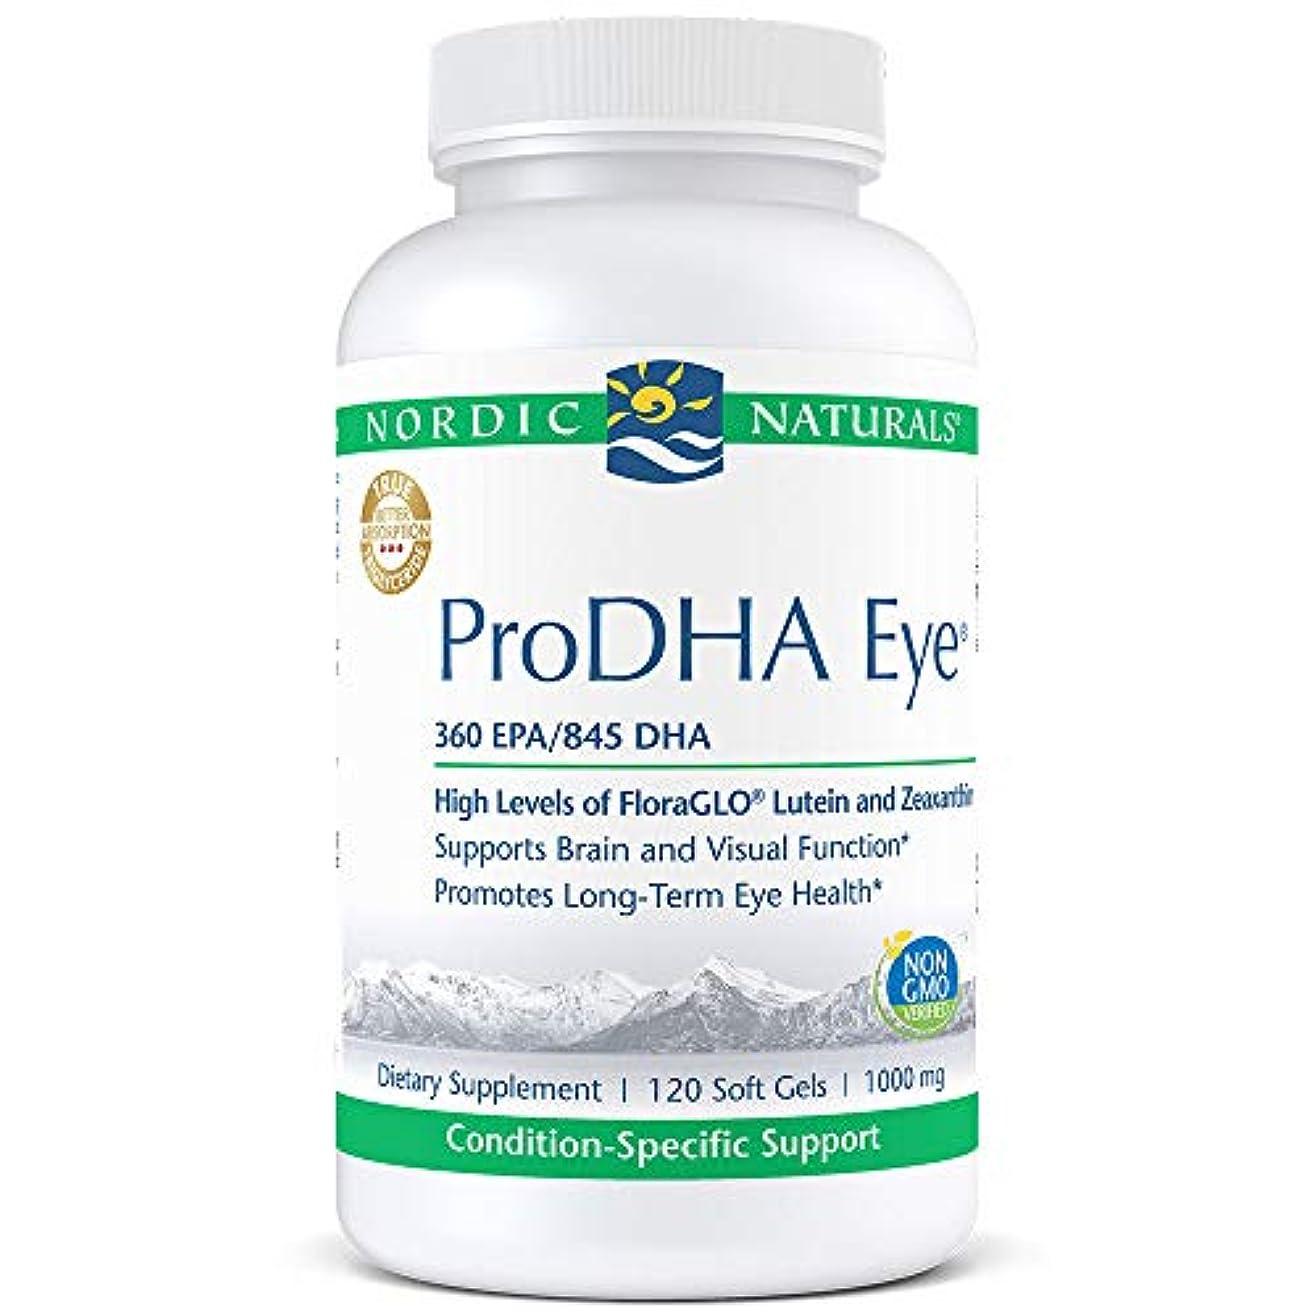 床を掃除するポルノ上に築きますNordic Naturals ProDHA Eye プロDHA アイ120粒 [海外直送品]